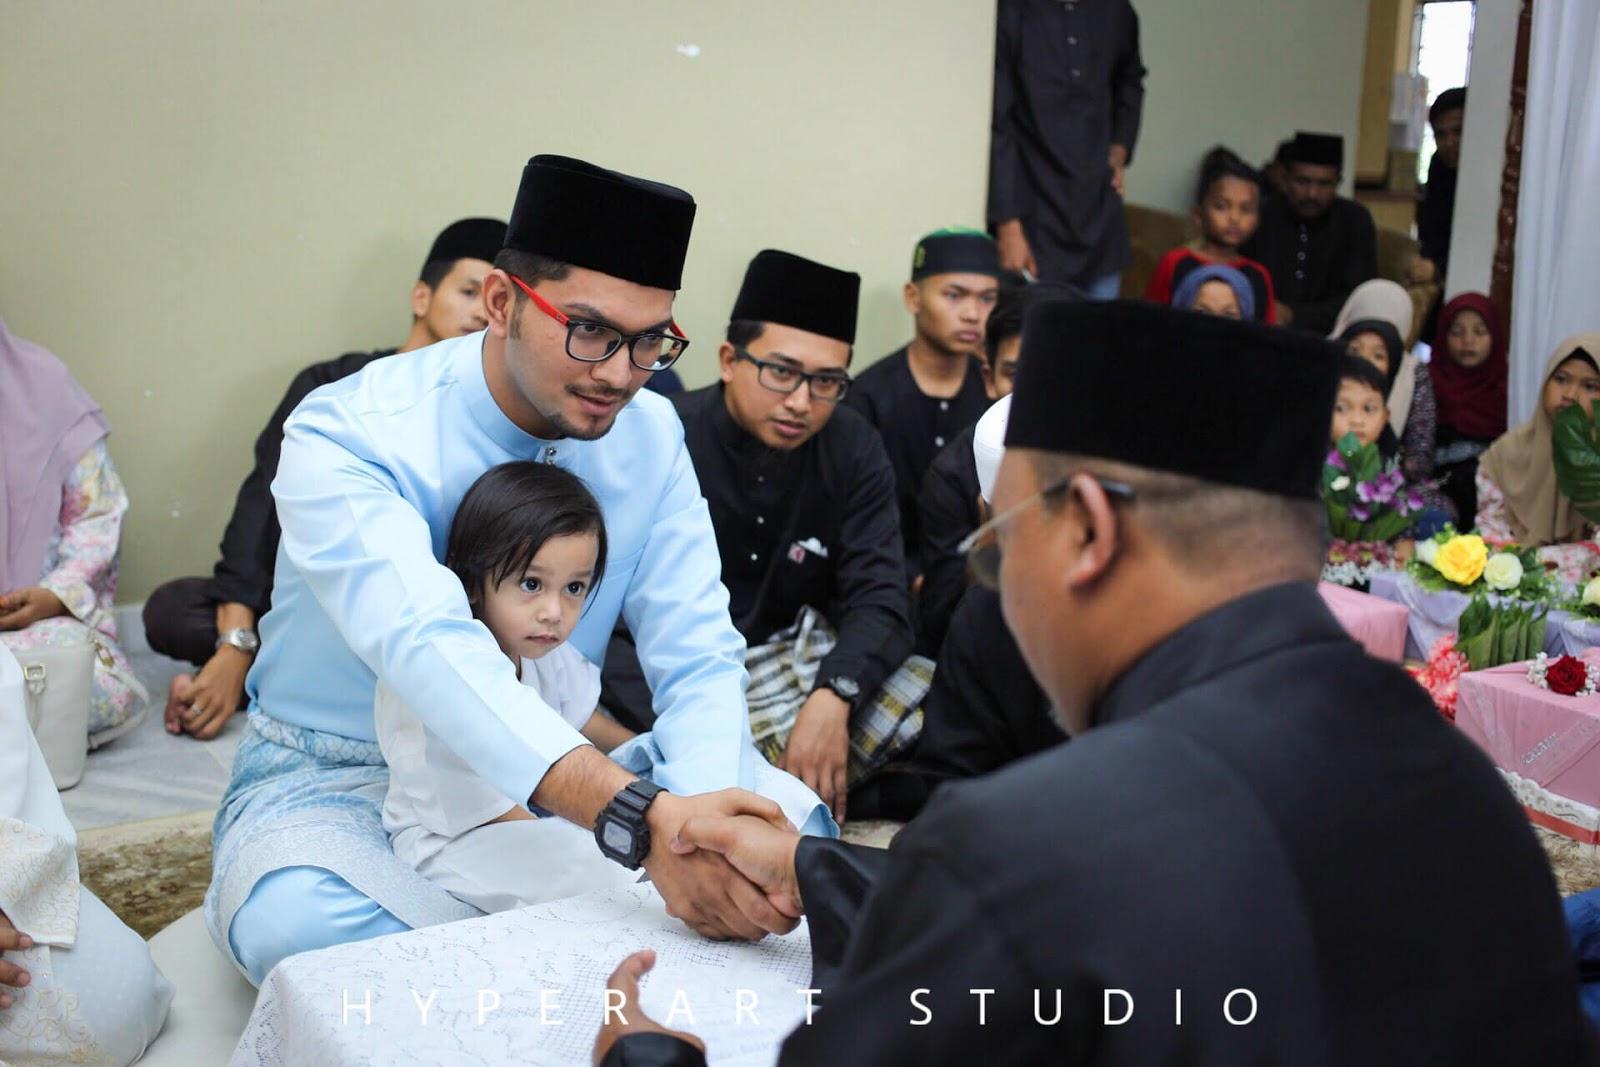 Cari Photographer Wedding Sekitar Melaka, Johor dan Negeri Sembilan? Hyperart Studio Sedia Membantu!